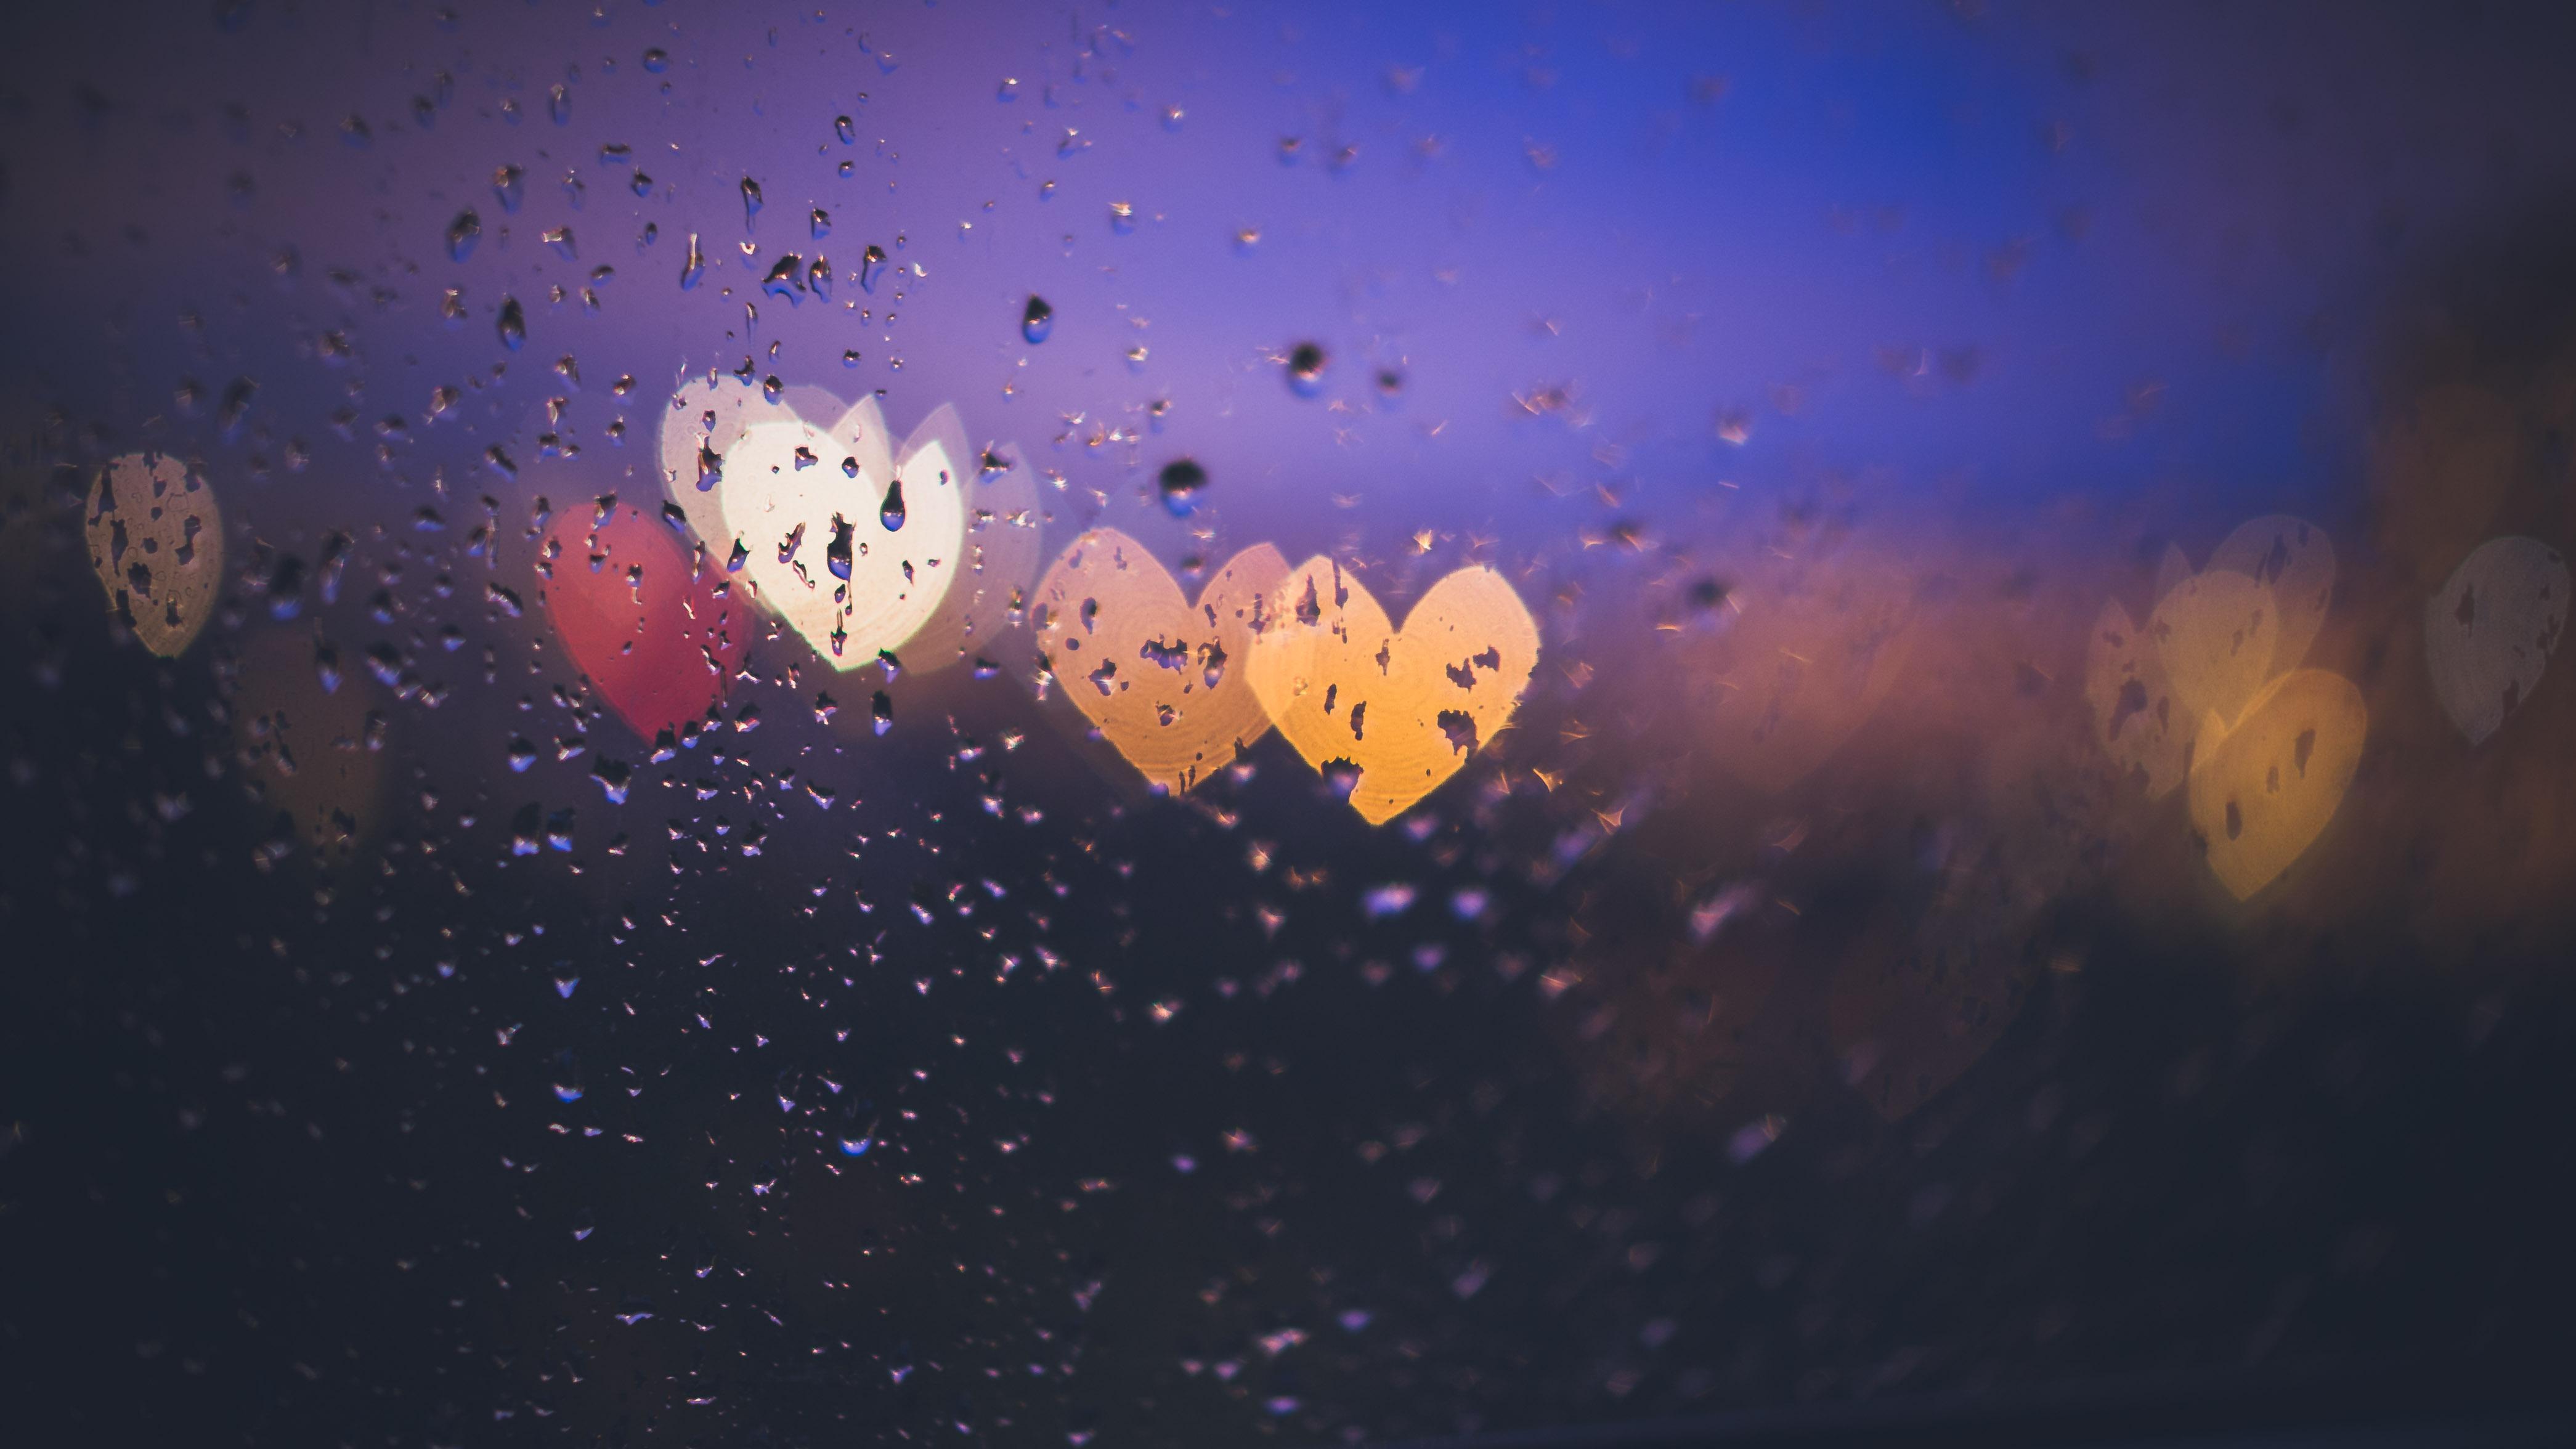 рисования членов дождь сердечек картинки успеху